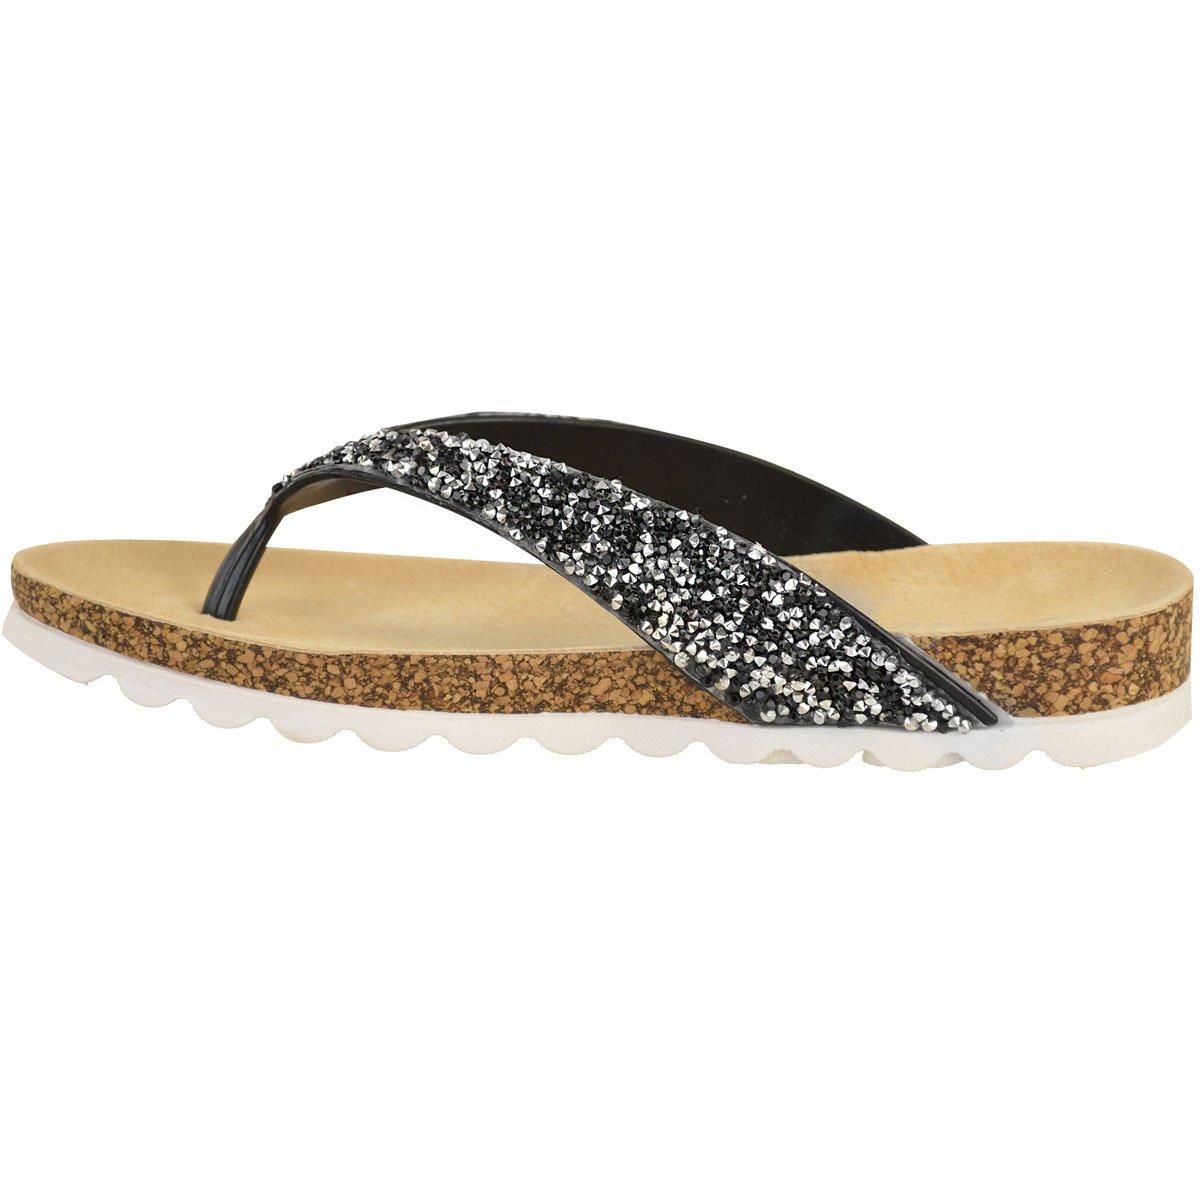 Damen Zehentrennersandalen - bequeme flache Sandalen mit gepolsterter Gel-Sohle - Schwarz Glitzer - EUR 40 9xfZK